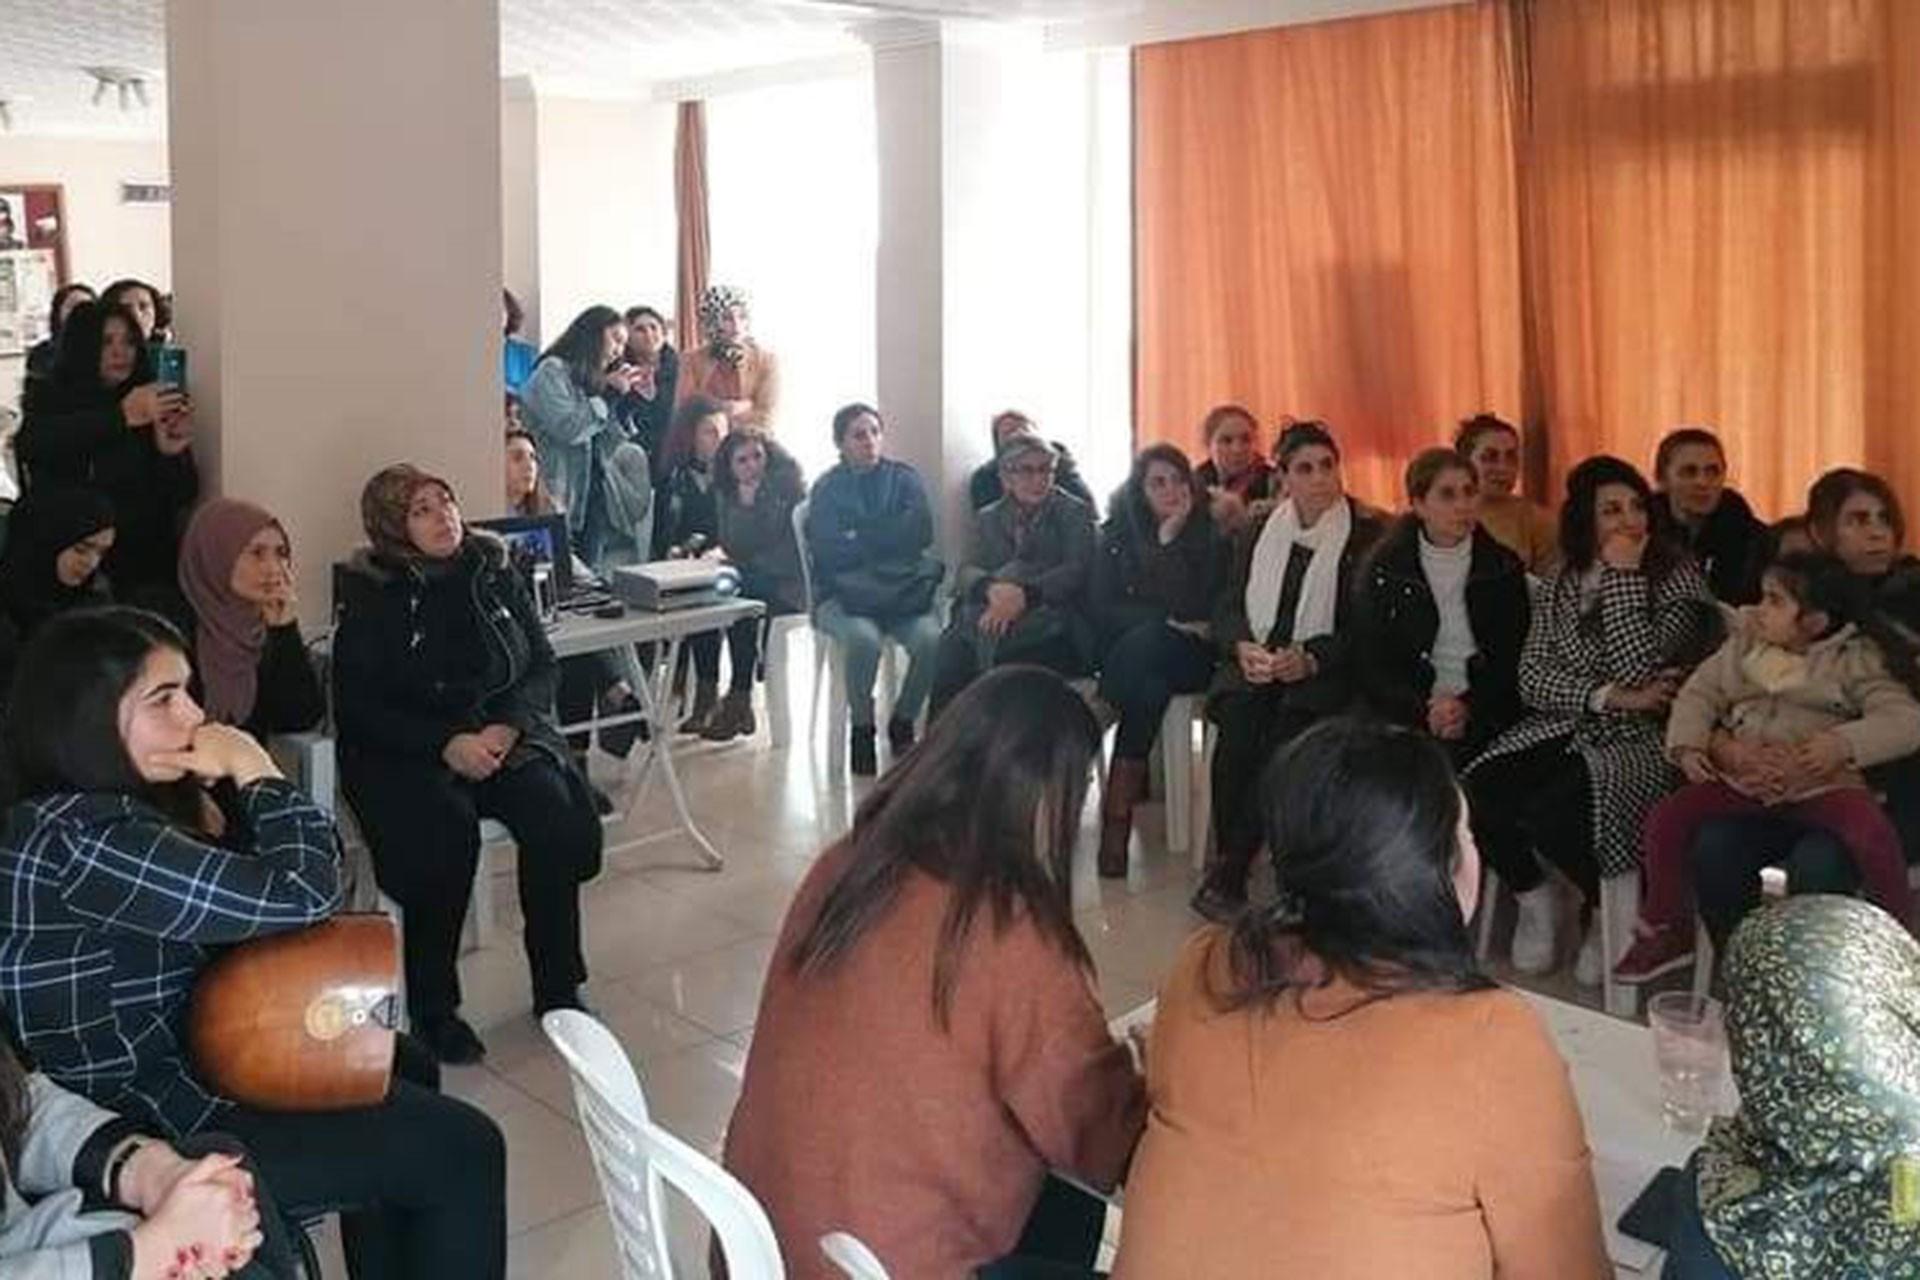 Esenyalı Kadın Dayanışma Derneğindeki etkinliğe katılan işçi ve emekçi kadınlar